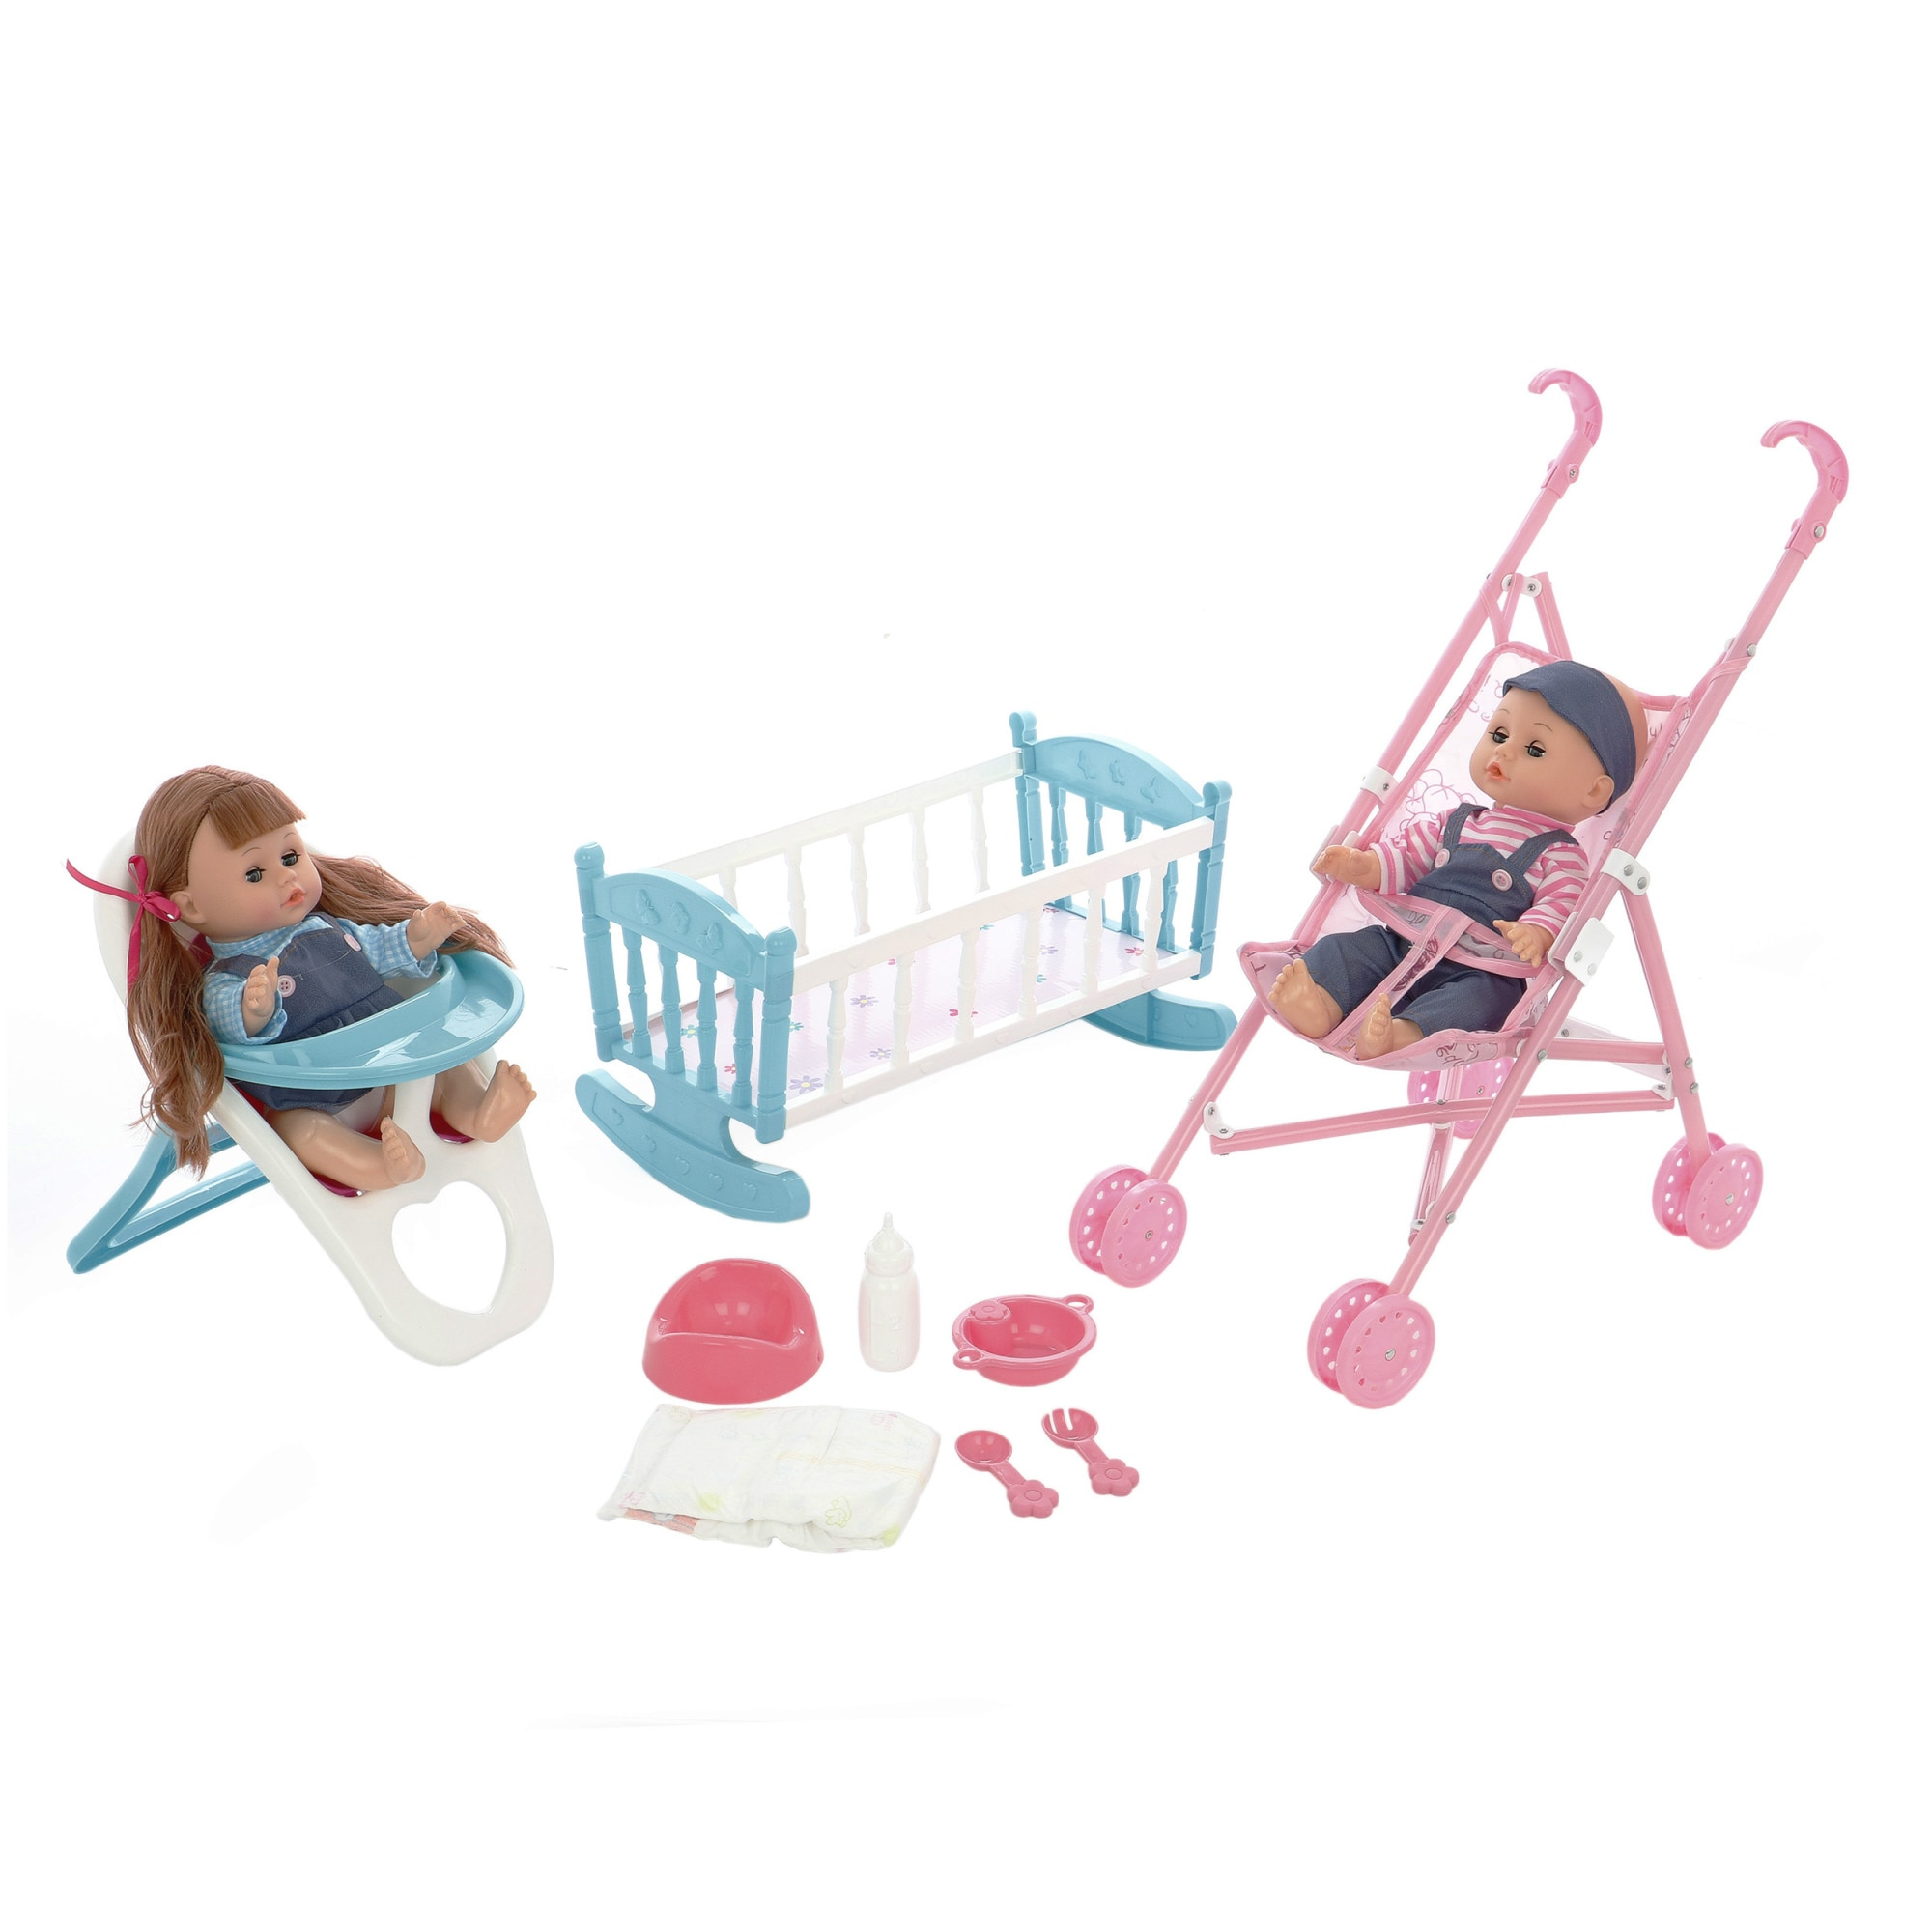 Fotografie Set M-Toys 2 papusi 35.5 cm, cu scaun de masa, carucior, patut si accesorii